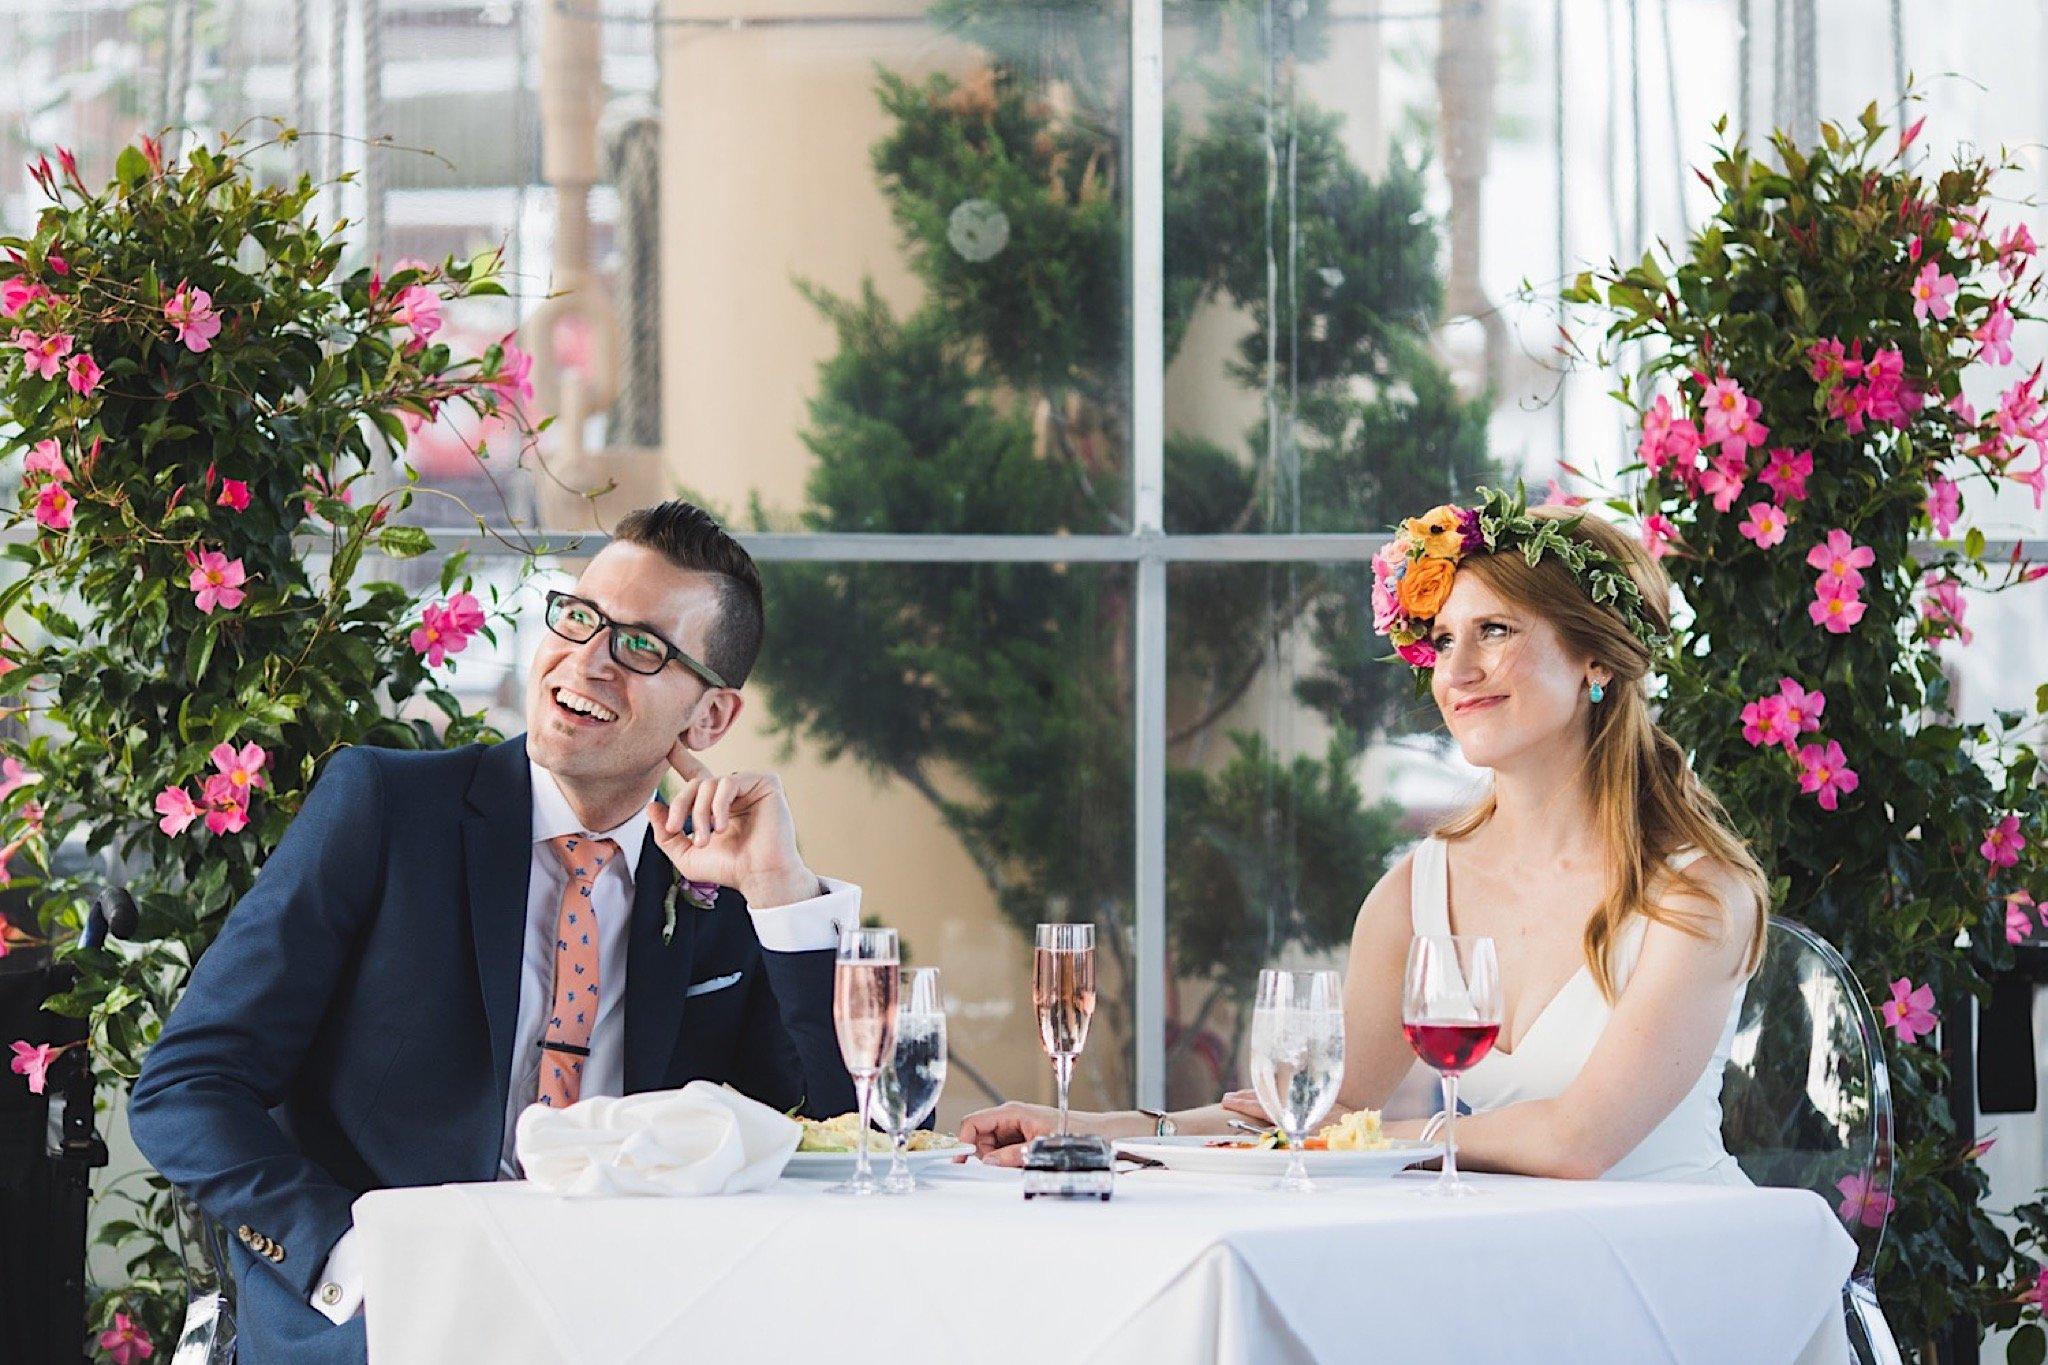 Moshulu, wedding, photography